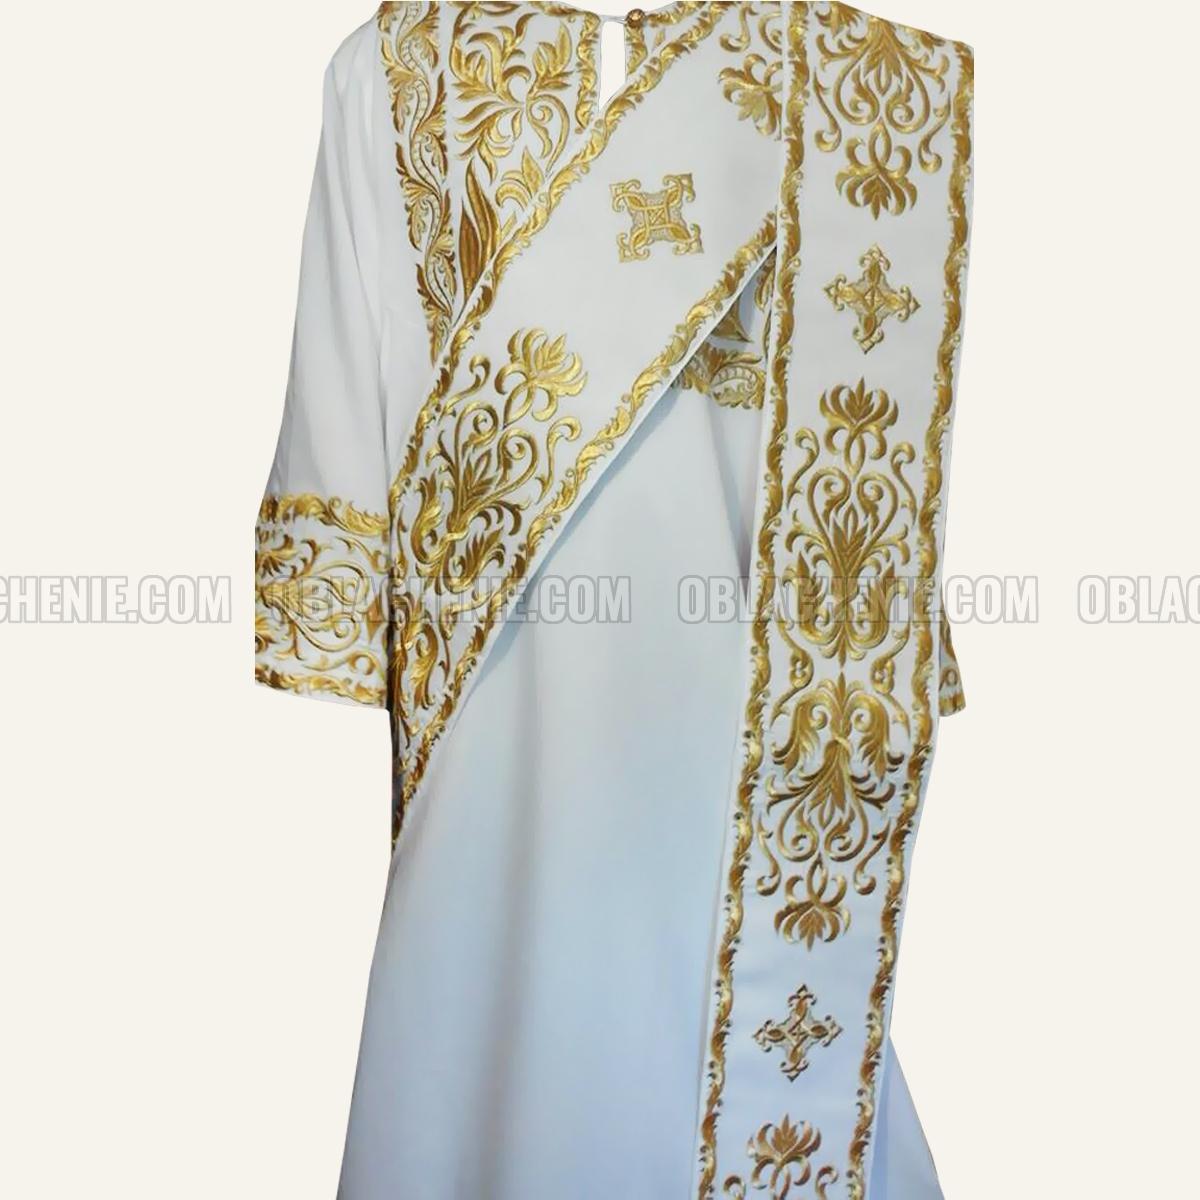 Deacon's vestments 10348